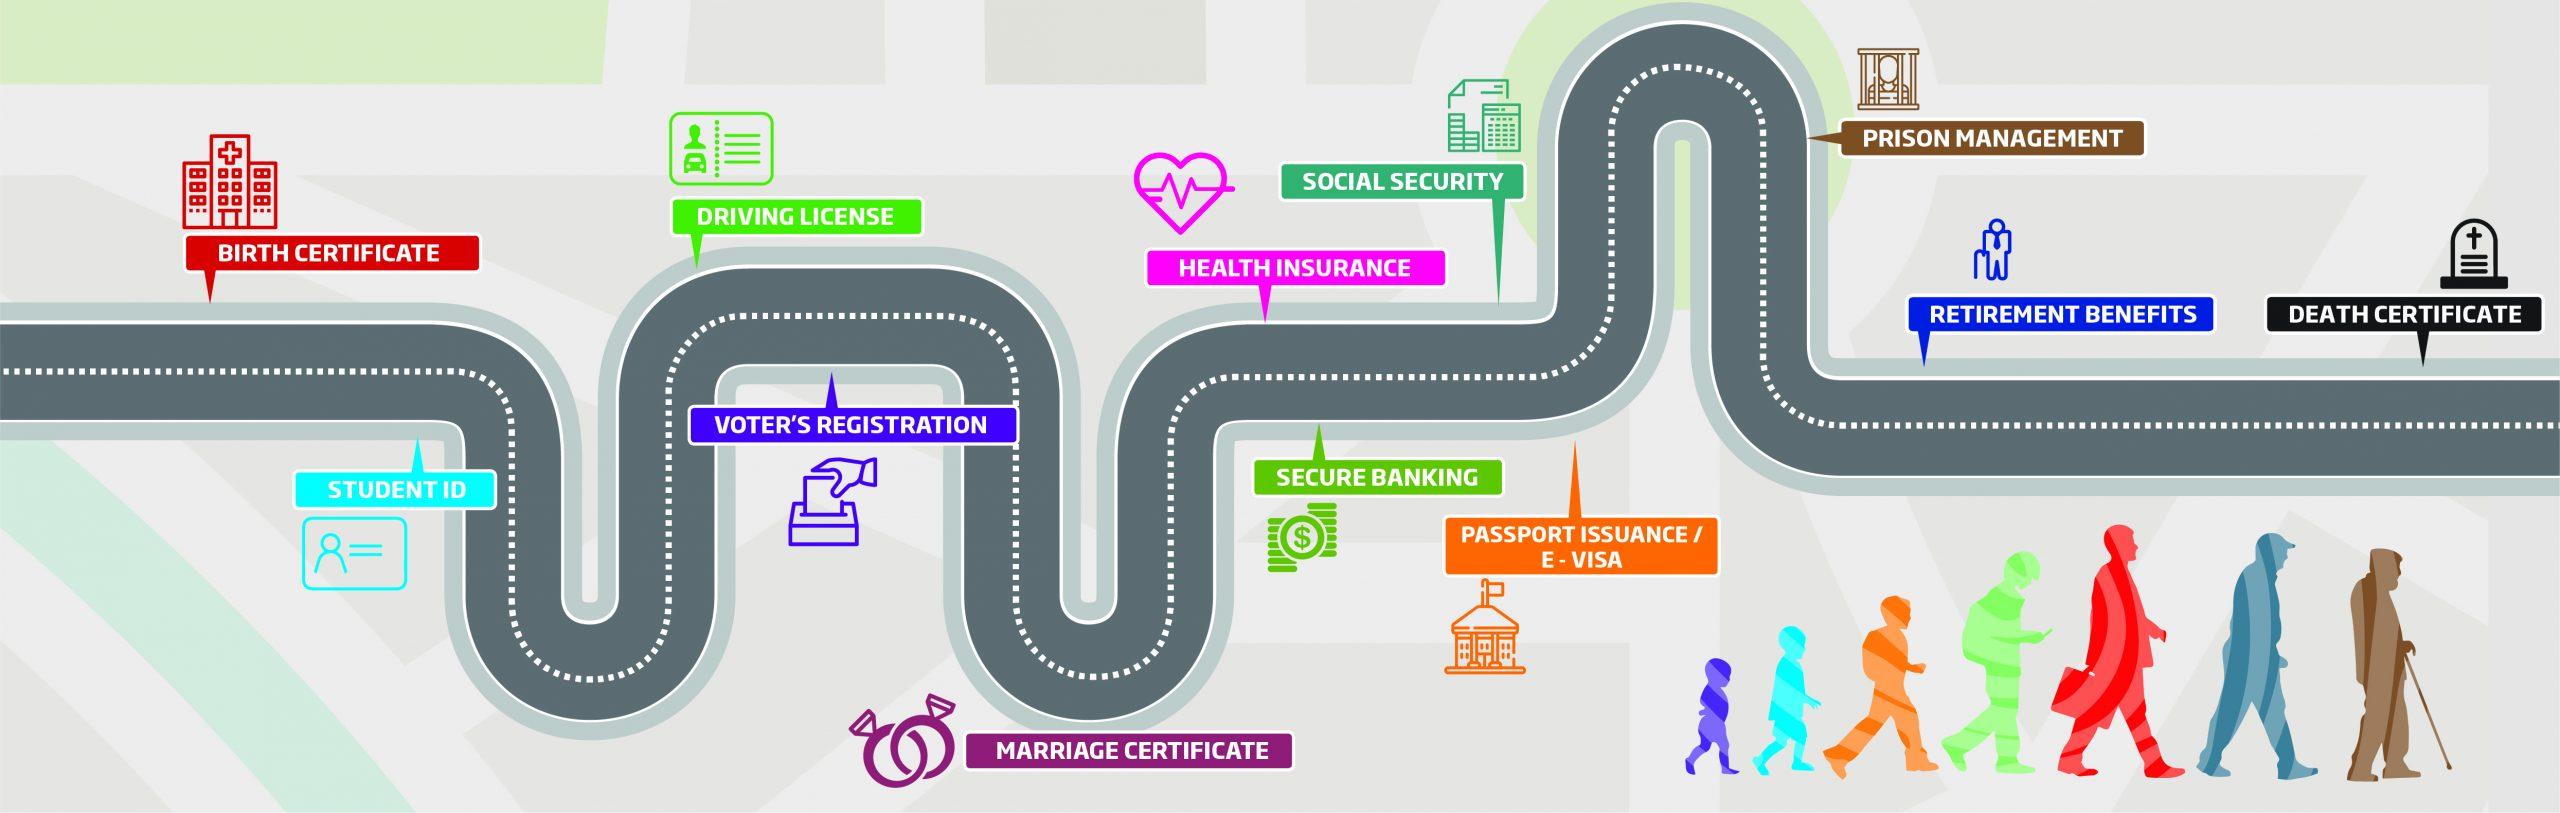 IDM Roadmap